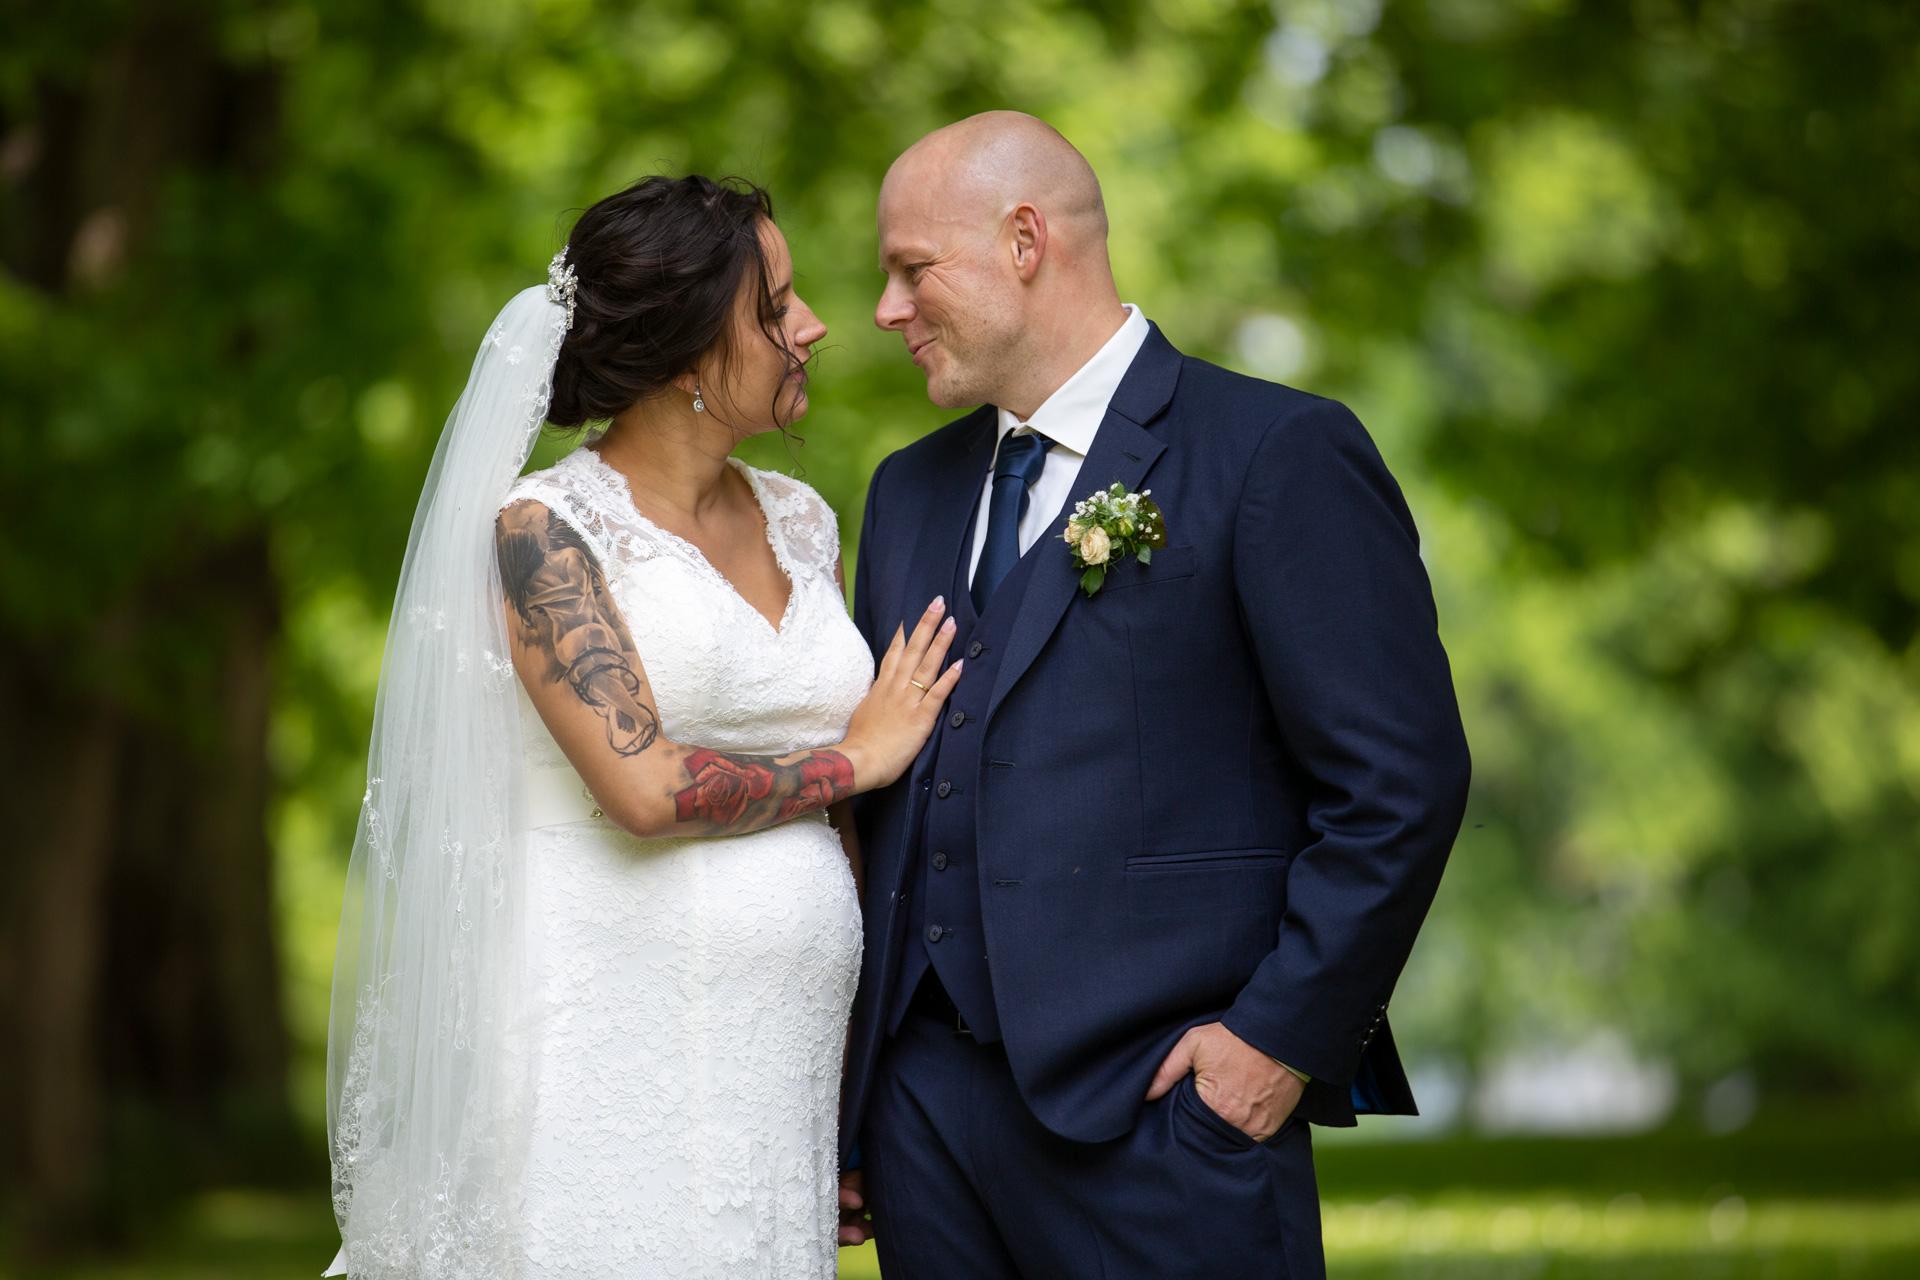 Bryllupsfotografering i Viborg - Bryllupsfotograf Mogens Balslev - 672670